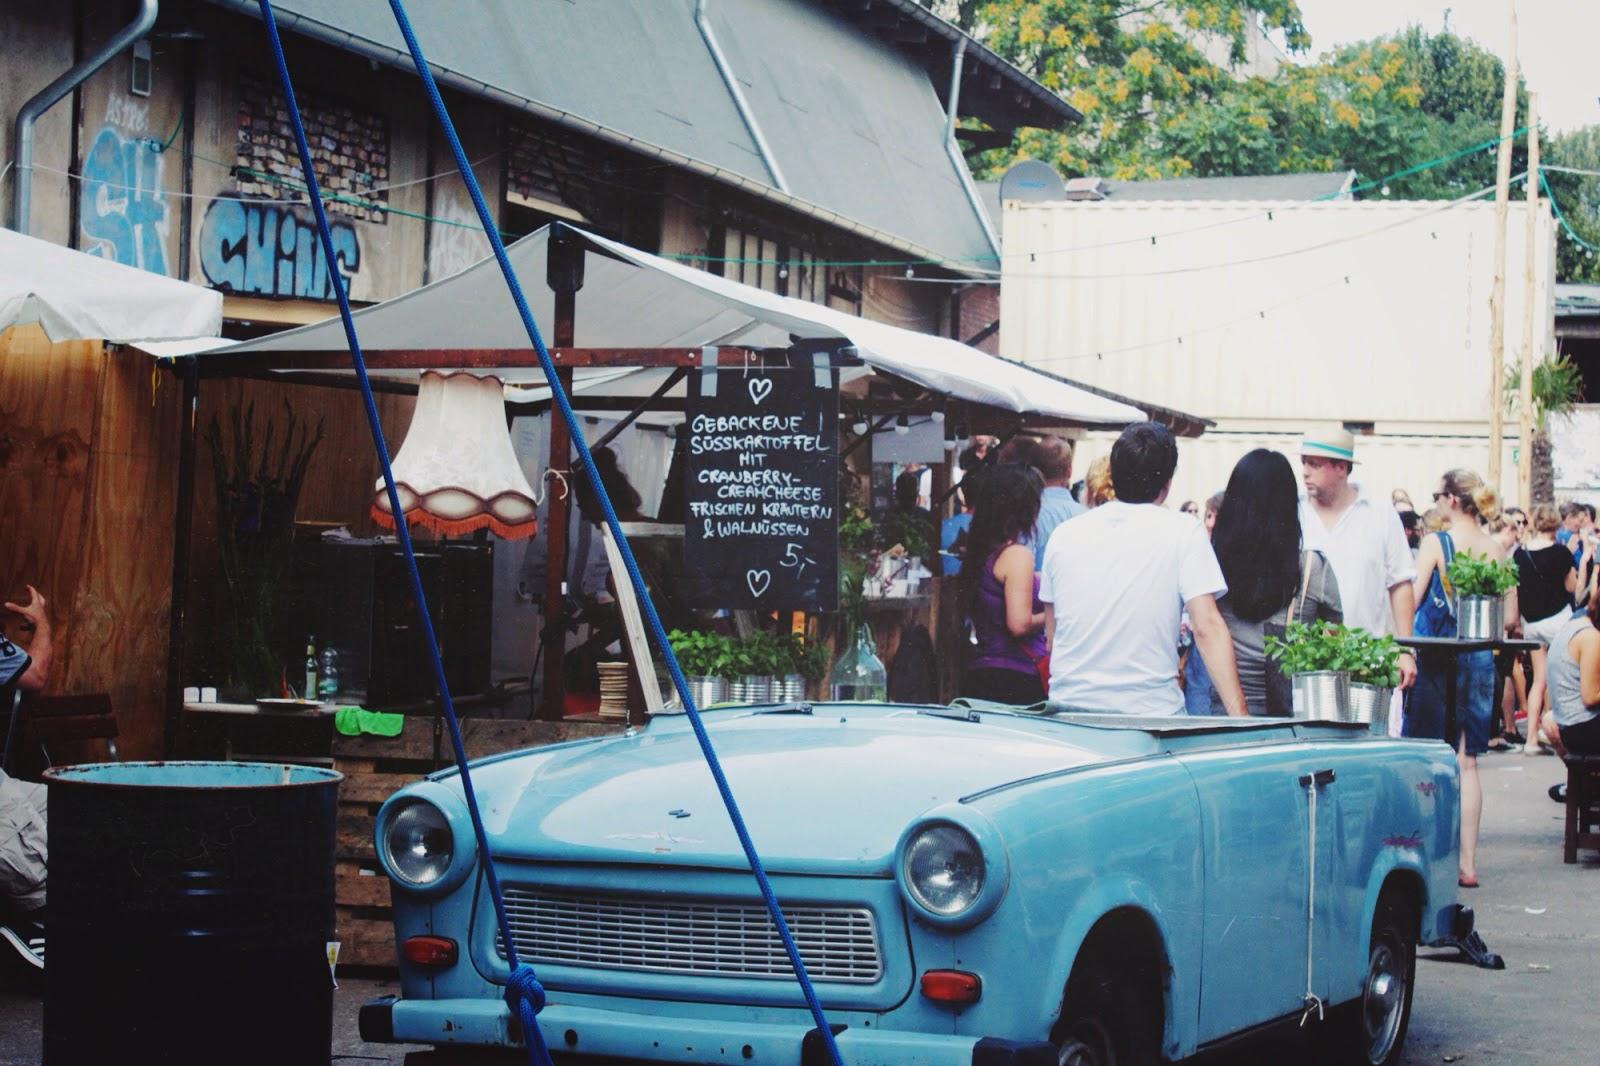 Village Market @ Neue Heimat // It's Brogues © Brogues Cozens-McNeelance